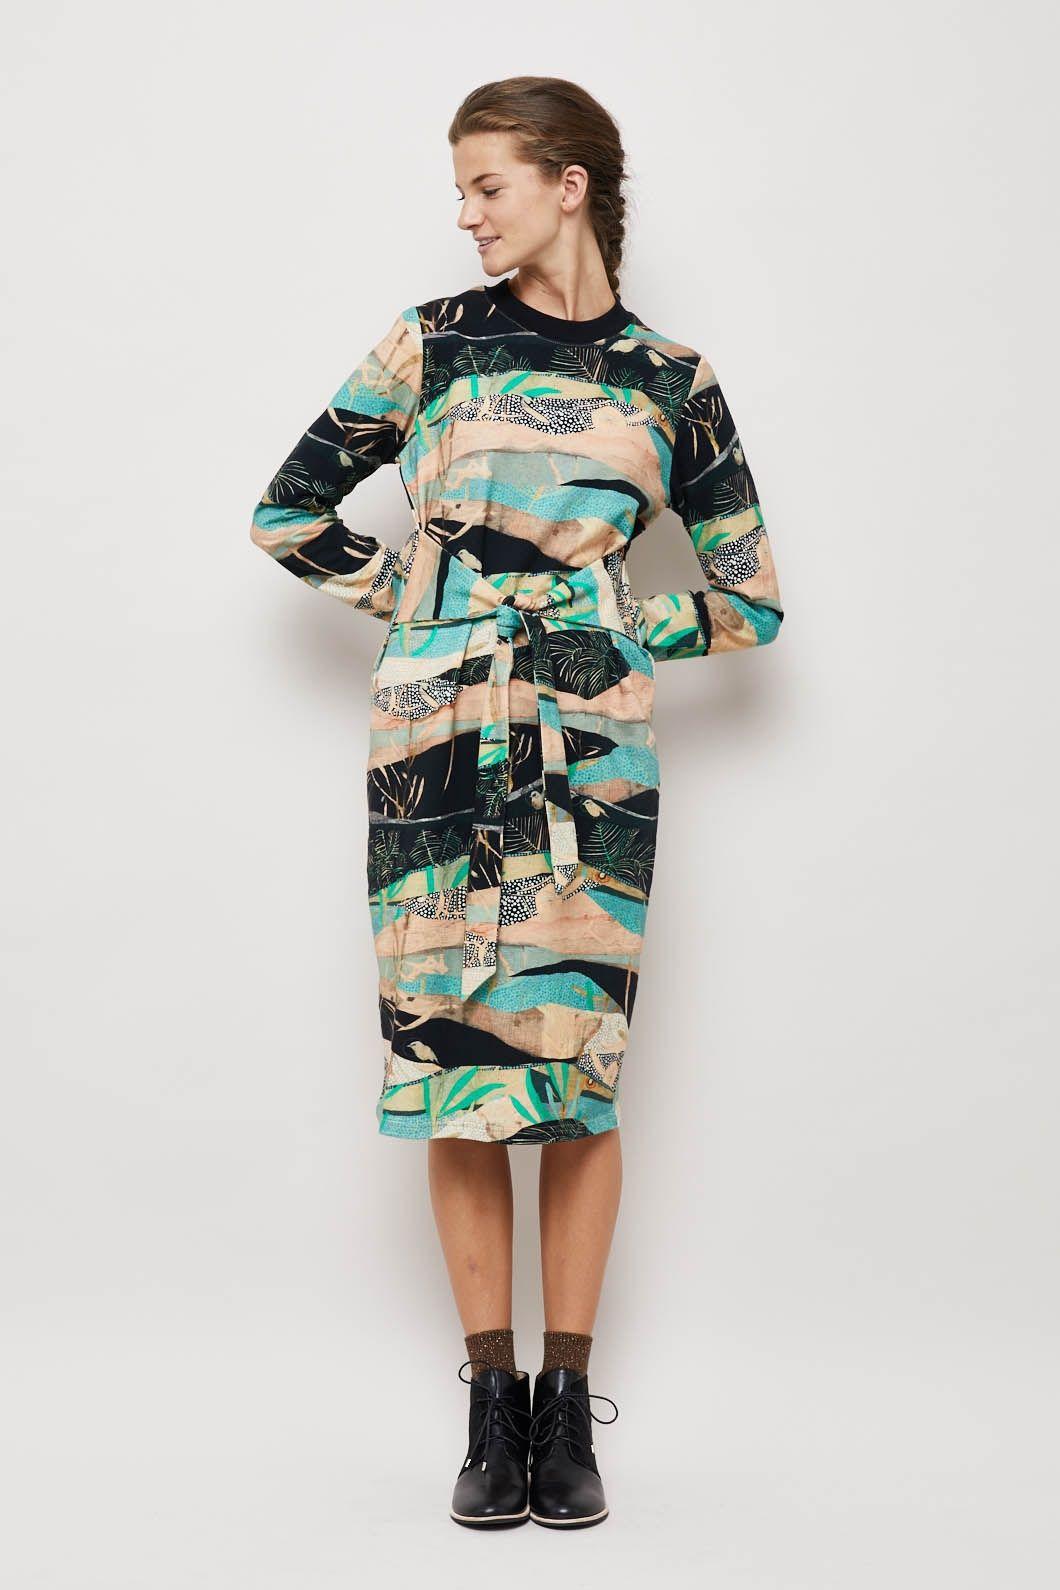 cb90270cc8 Gorman - Auguries of Innocence dress - Dana Kinter - A/W17 | Sew z ...